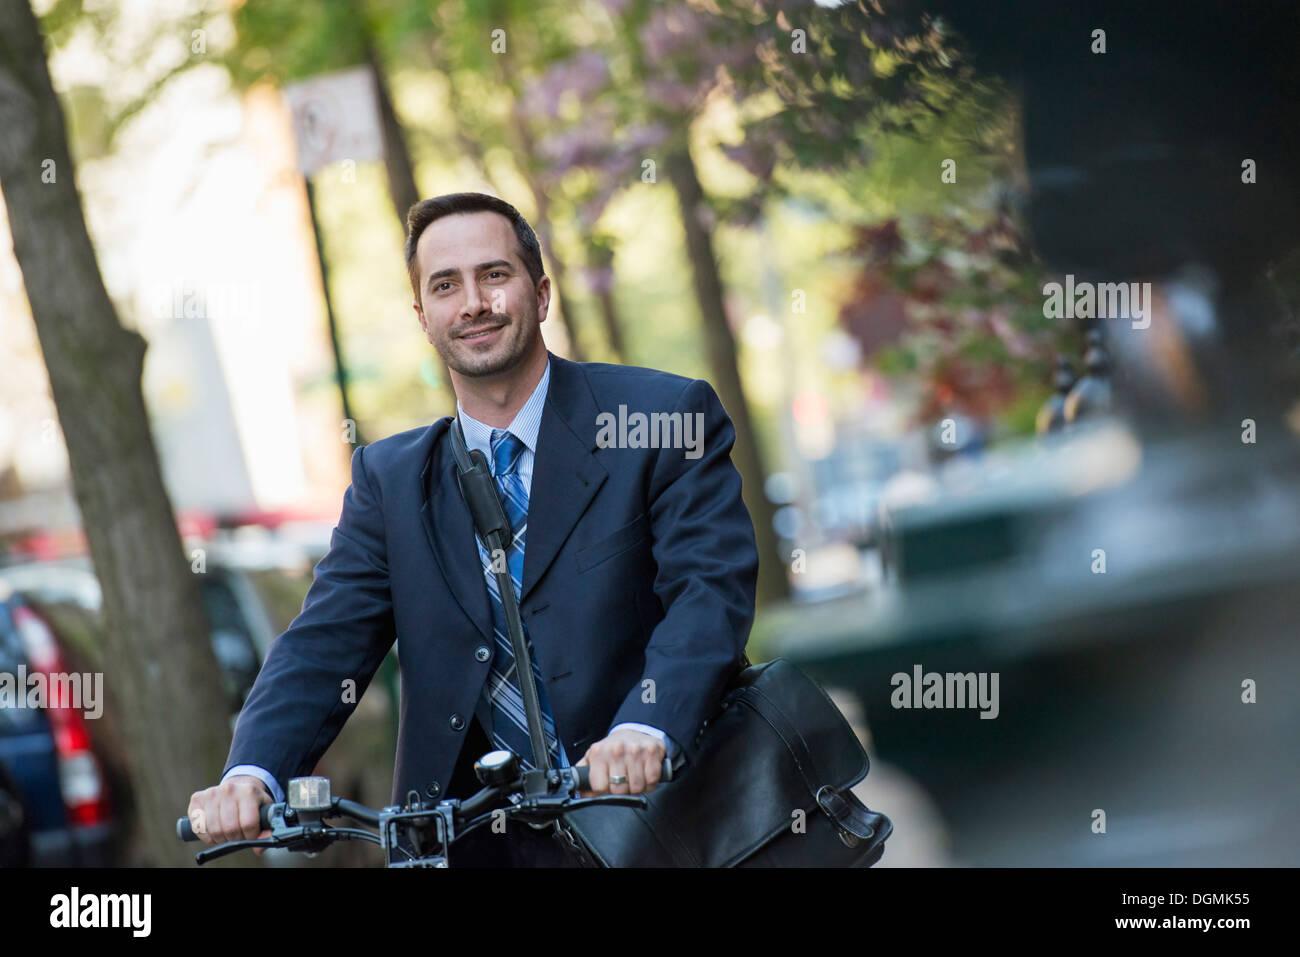 Un uomo in un business suit, all'aperto in un parco. Seduto su di una bicicletta. Foto Stock